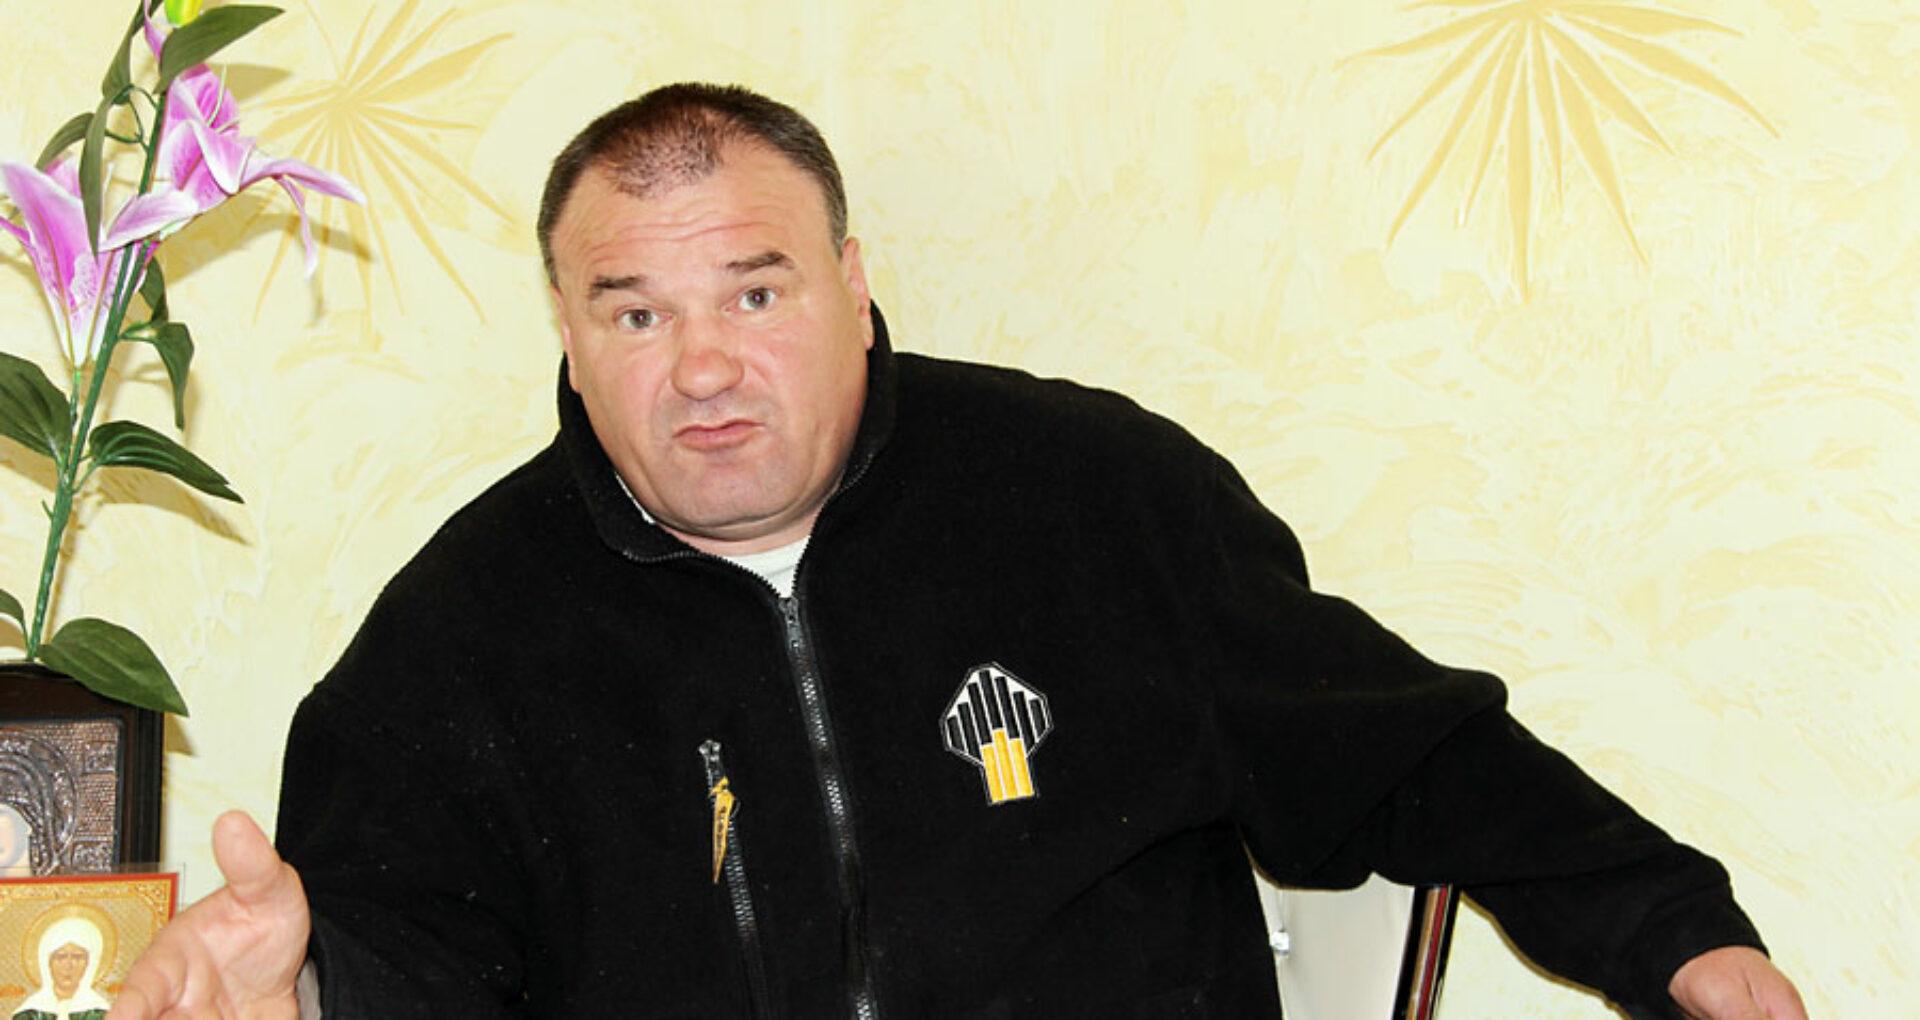 Gheorghe Popa, restabilit în funcţie după ce a fost disculpat definitiv de Curtea Supremă de Justiţie